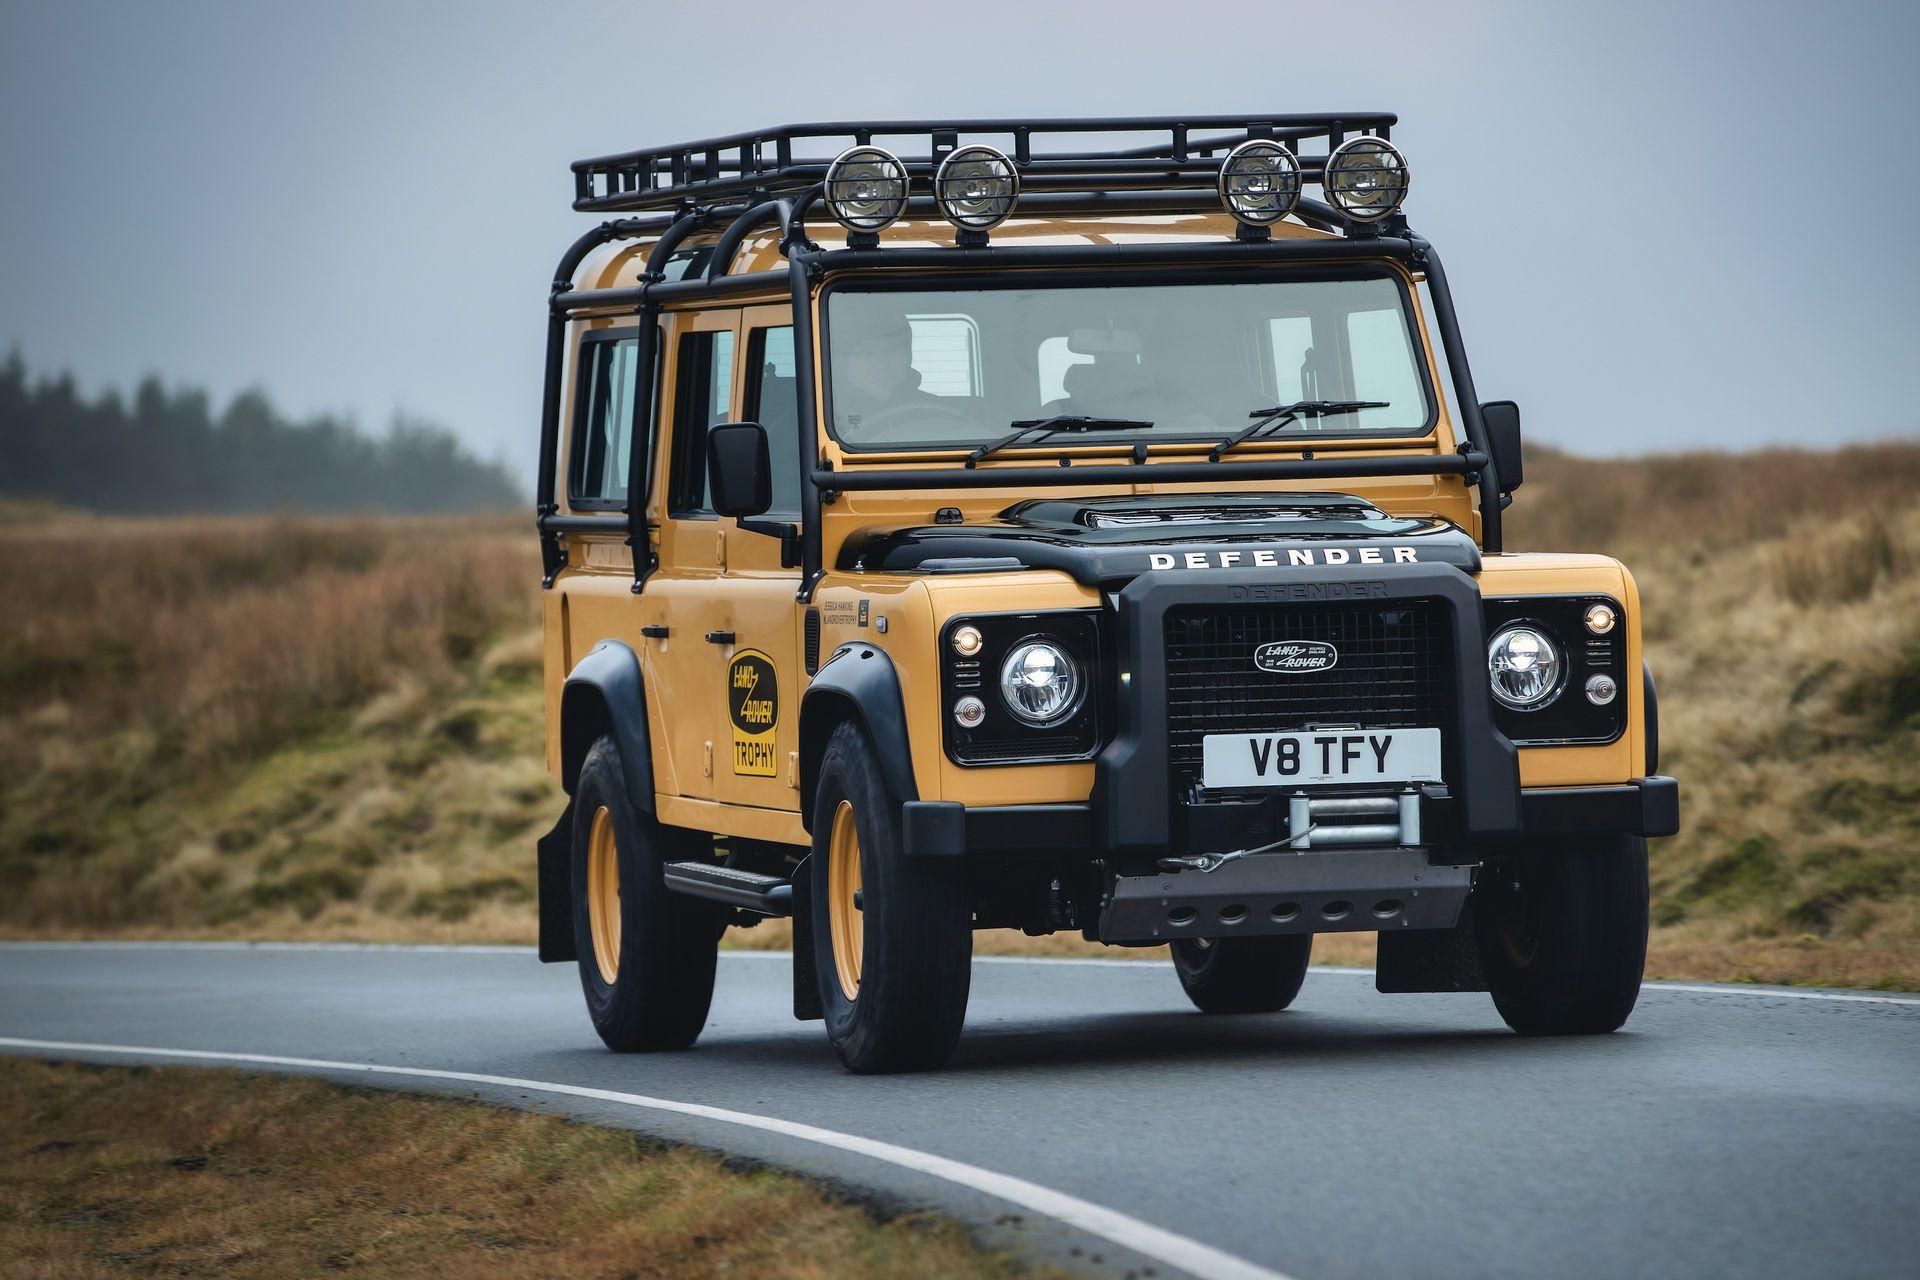 Land-Rover-Defender-Works-V8-Trophy-11